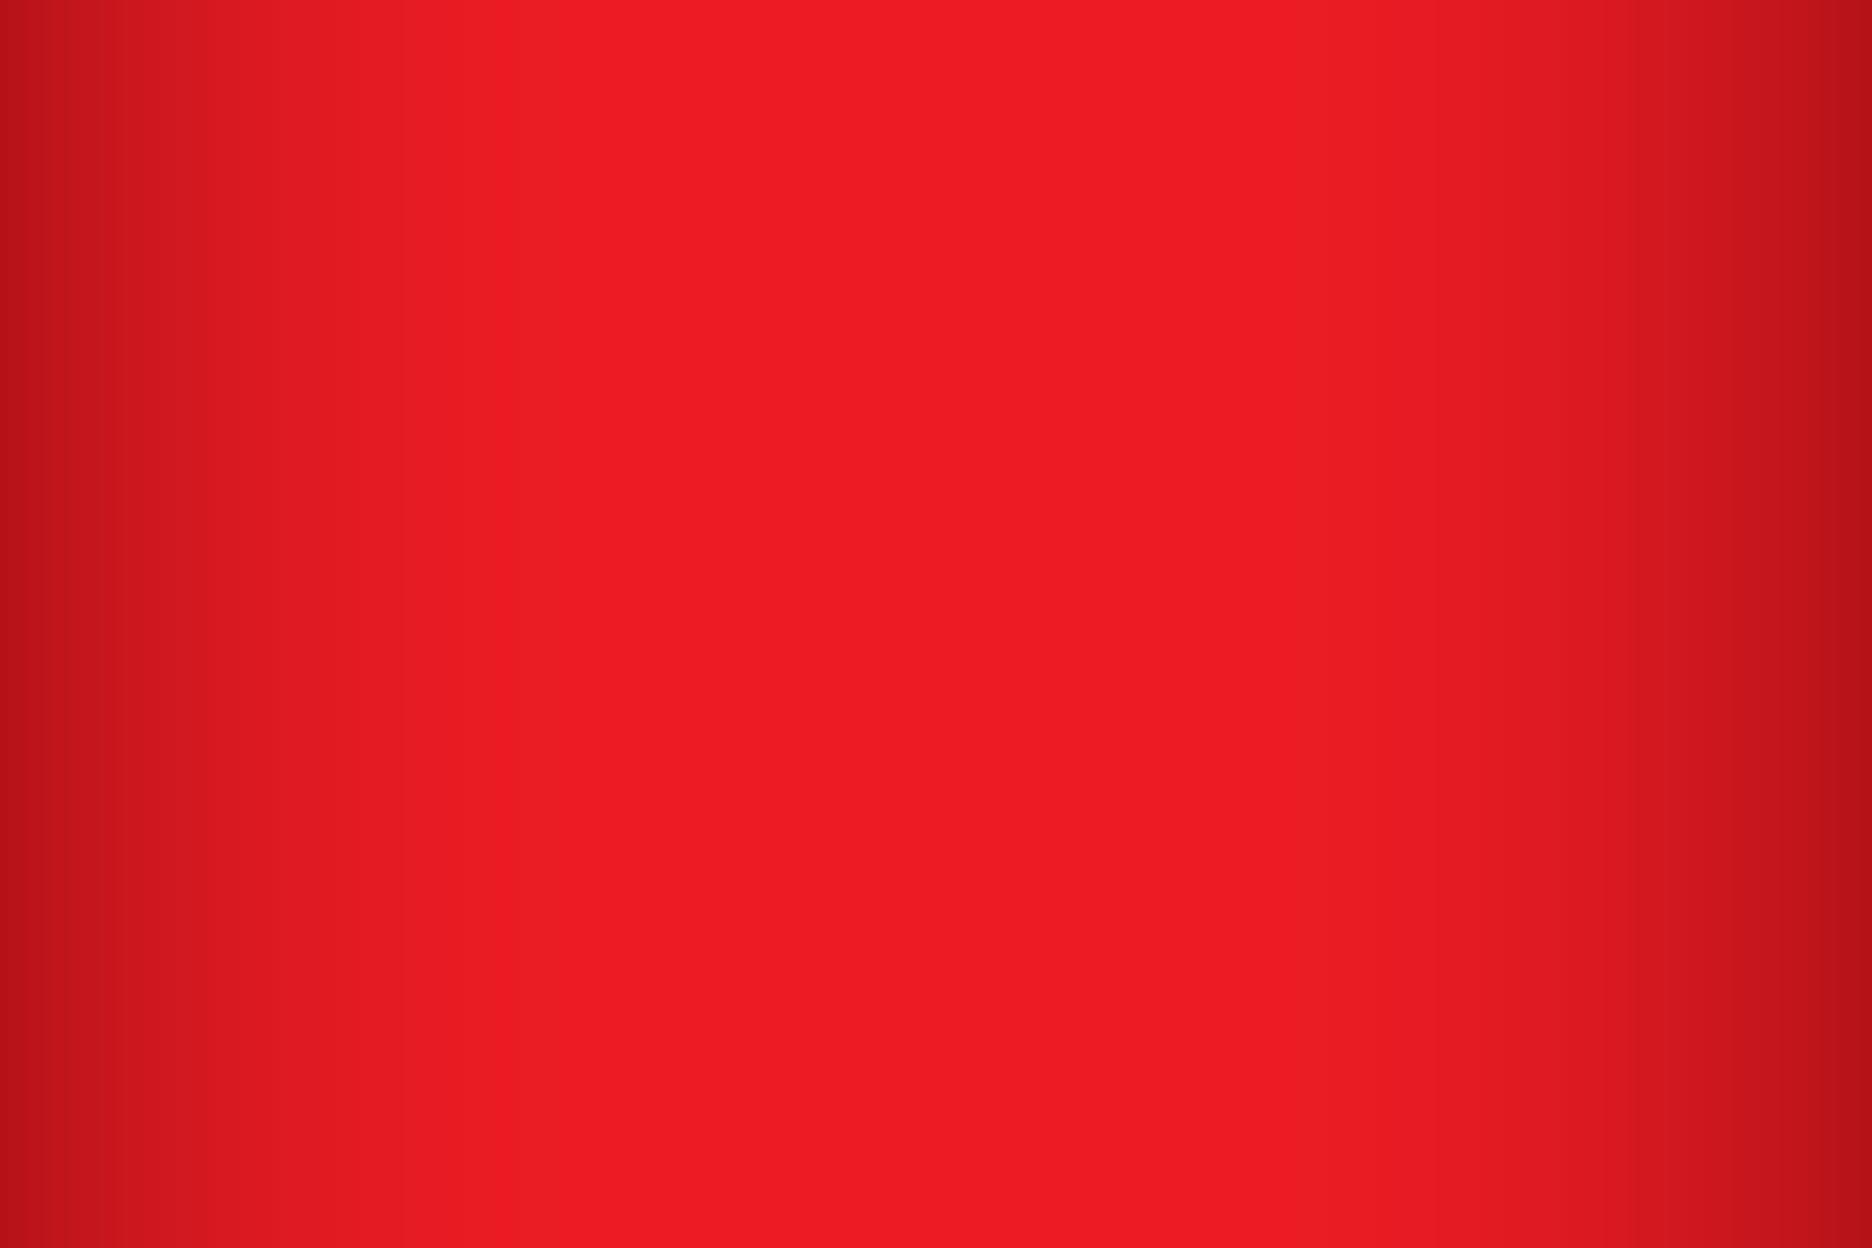 01__0021_Fundo-Vermelho